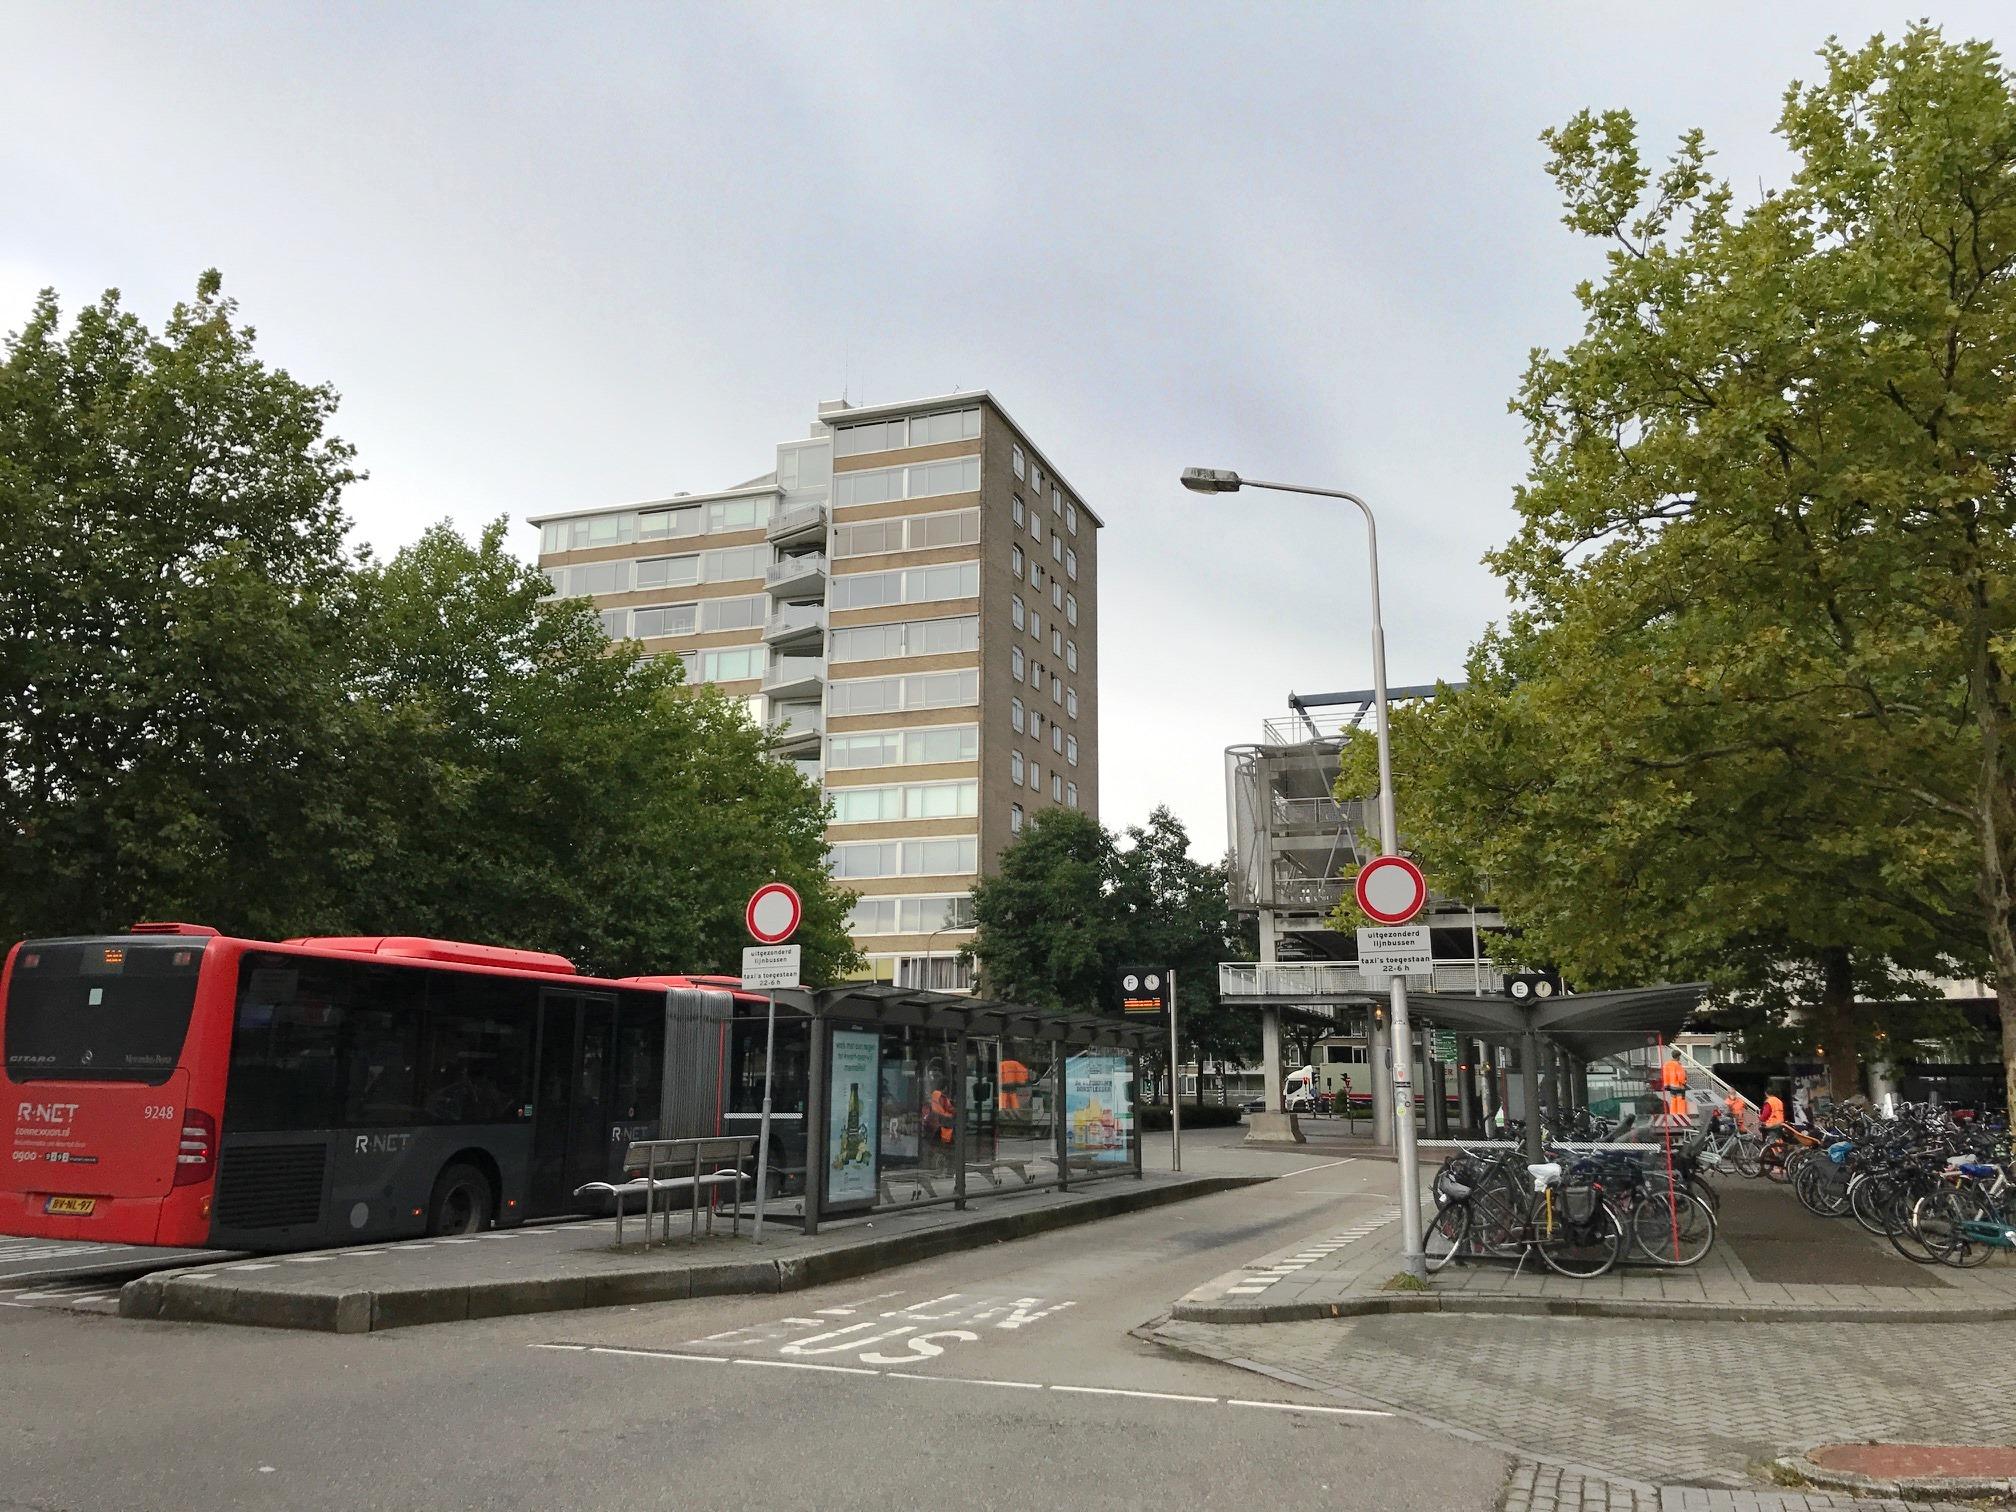 Meander, Amstelveen